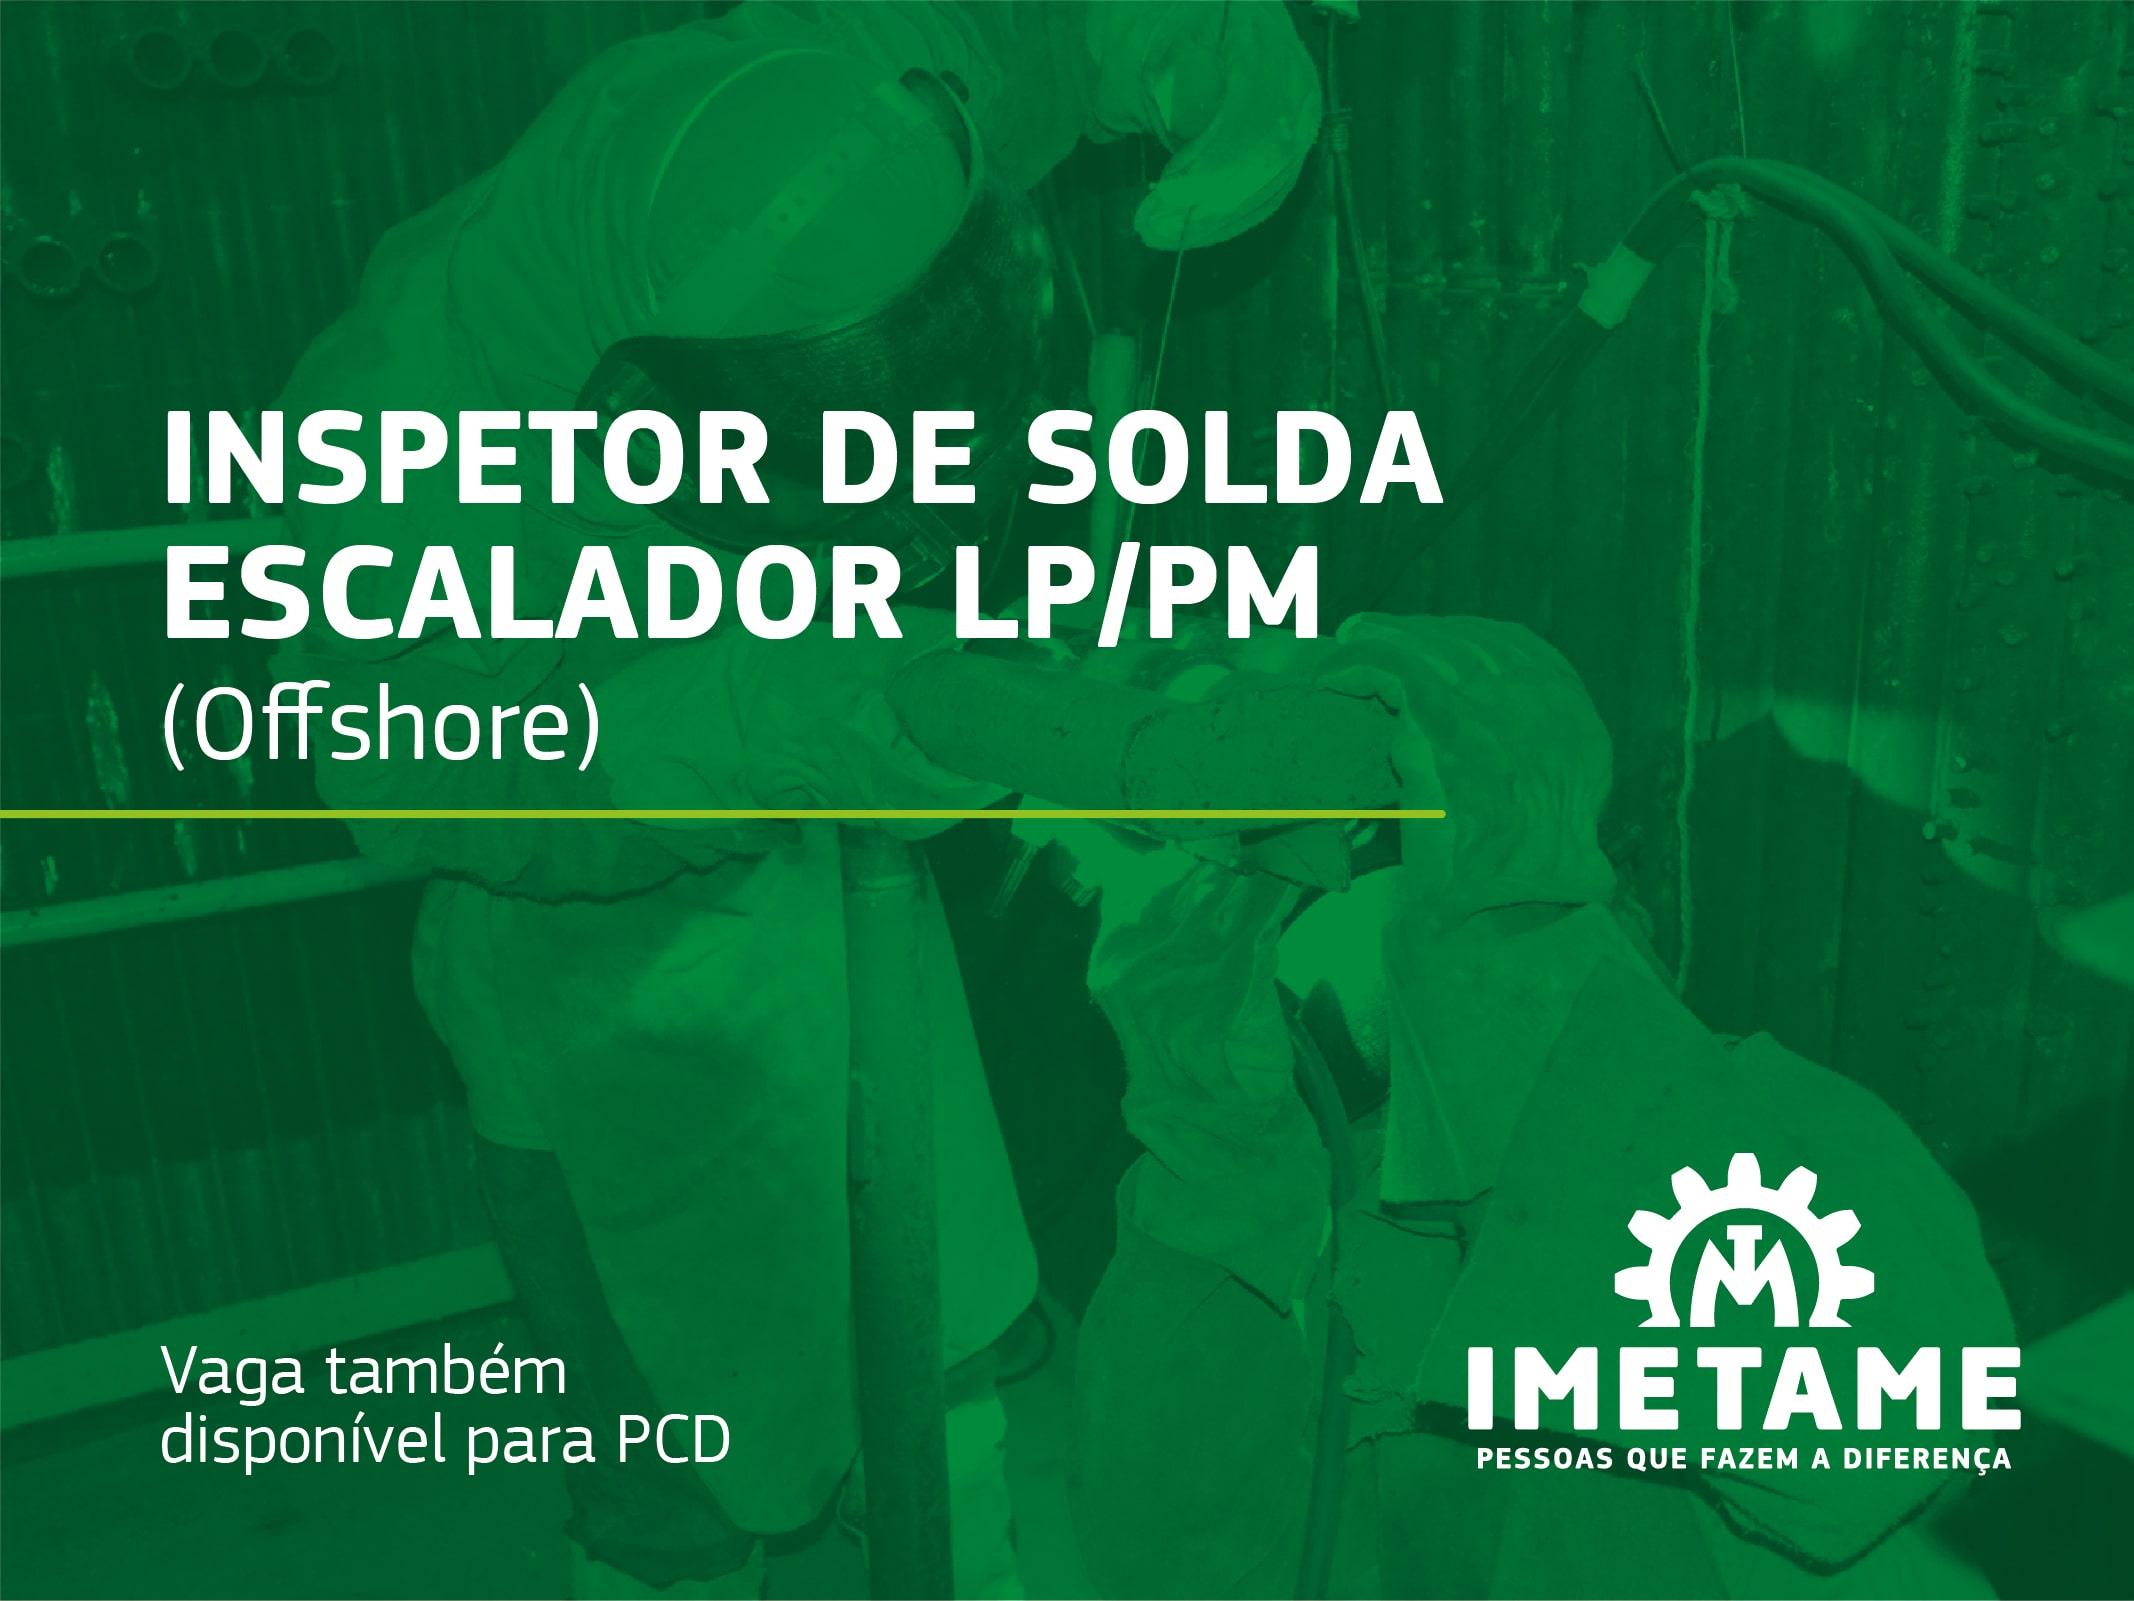 Inspetor de Solda Escalador/LP/PM – Offshore